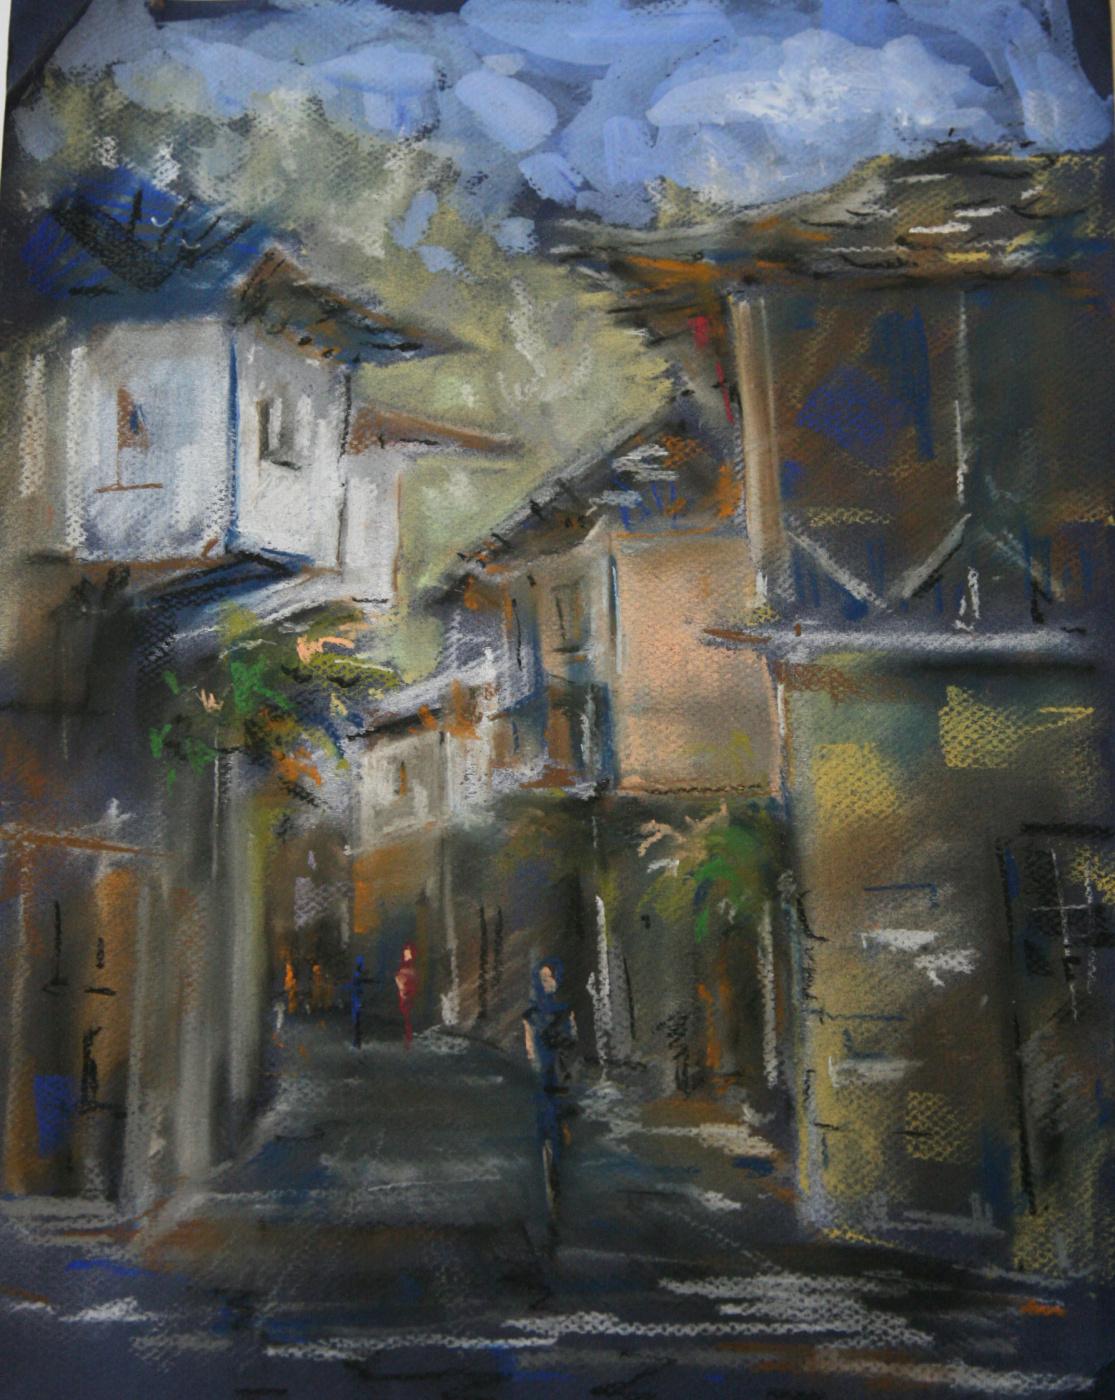 Redrick Shewhart. Street masters